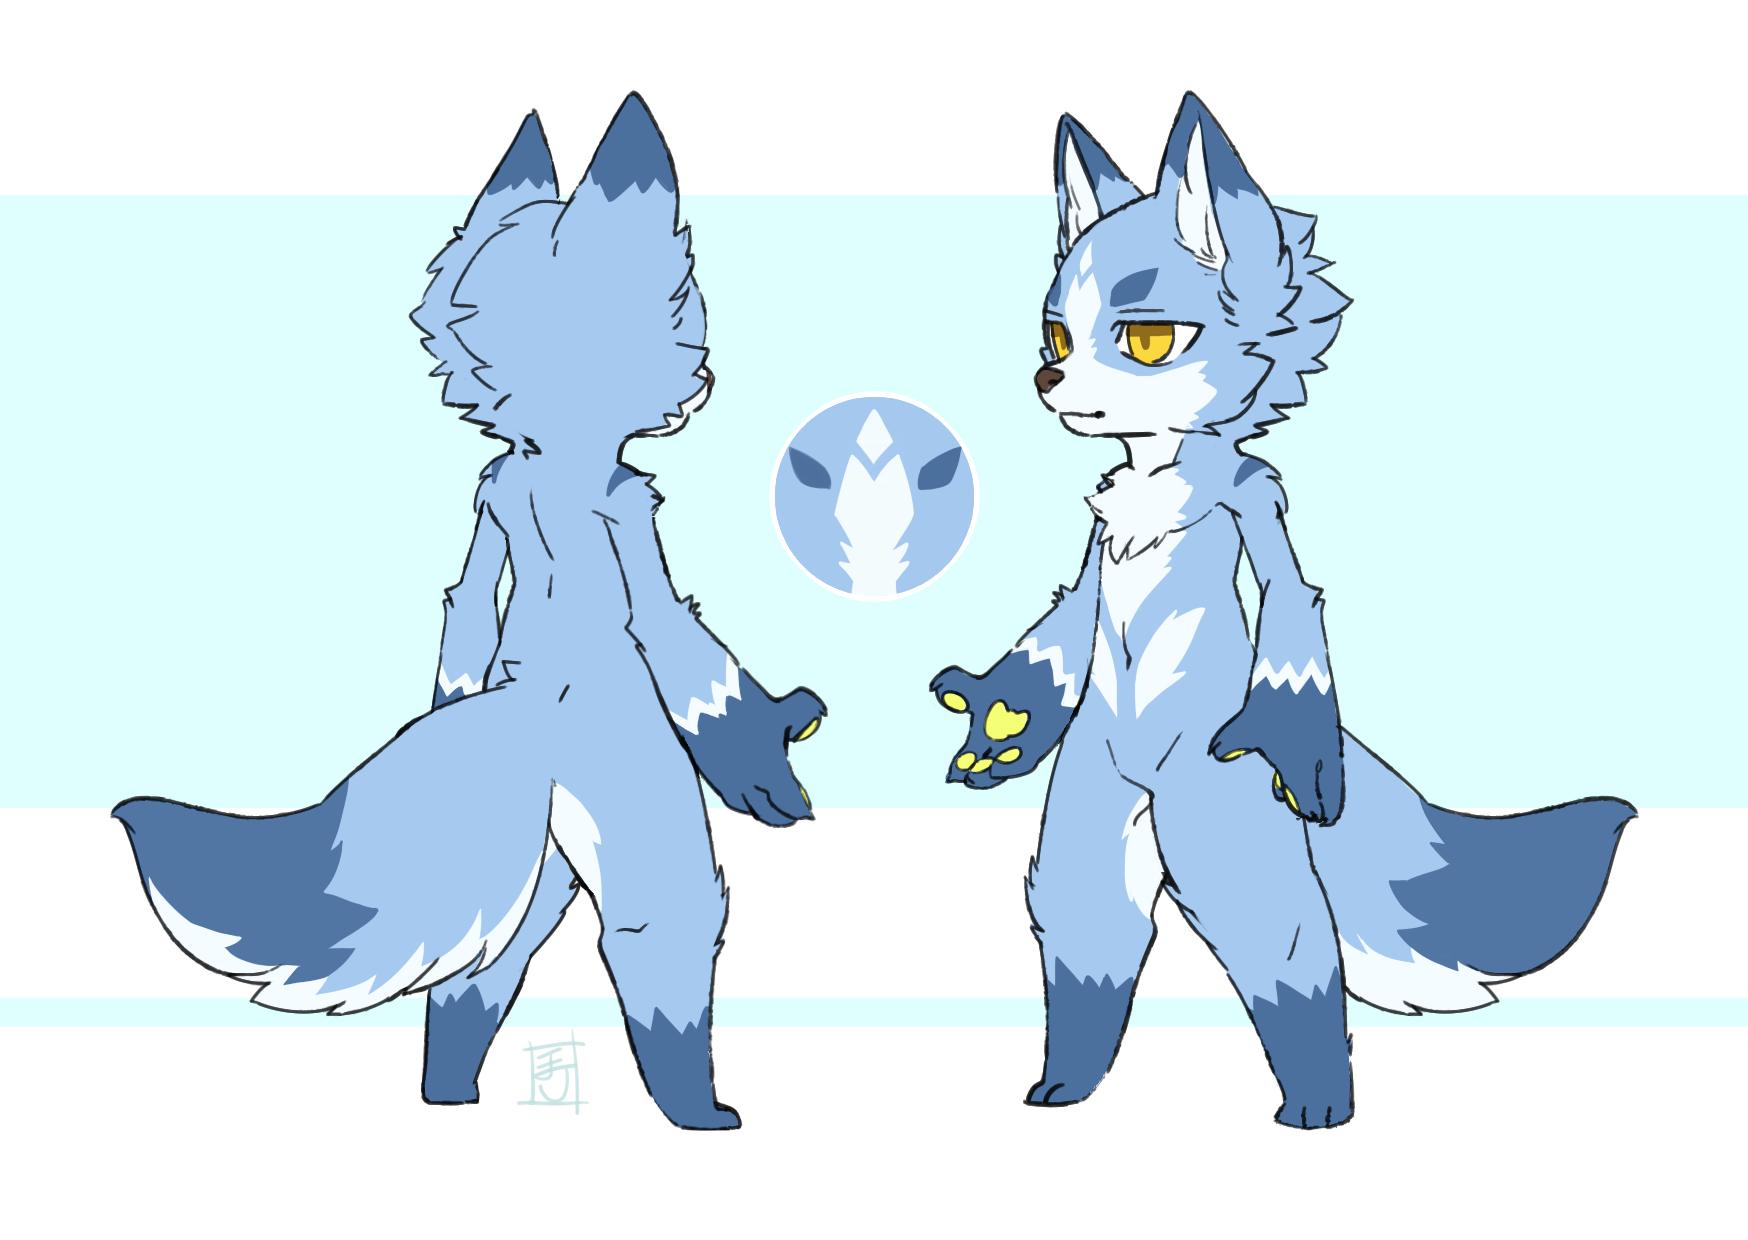 亞特 (狼) - 負責維持秩序的維安狼